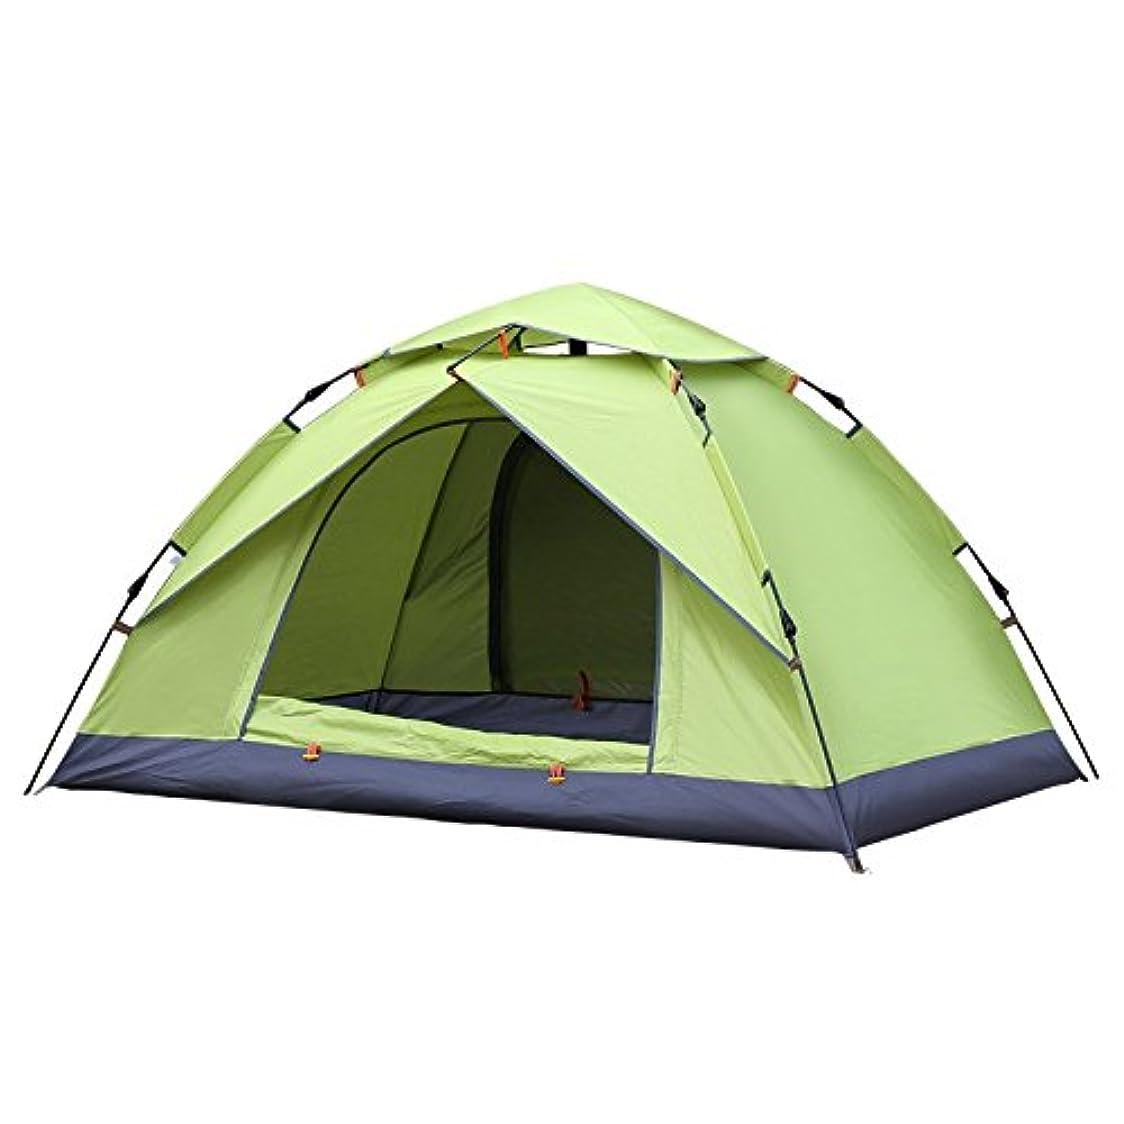 中毒見て参照するFeelyer 2-3人屋外自動キャンプテント防水、防雨、抗UV、キャンプ用品、広いスペース、インストールが簡単、強力な換気、ビーチテント 顧客に愛されて (Color : 2)